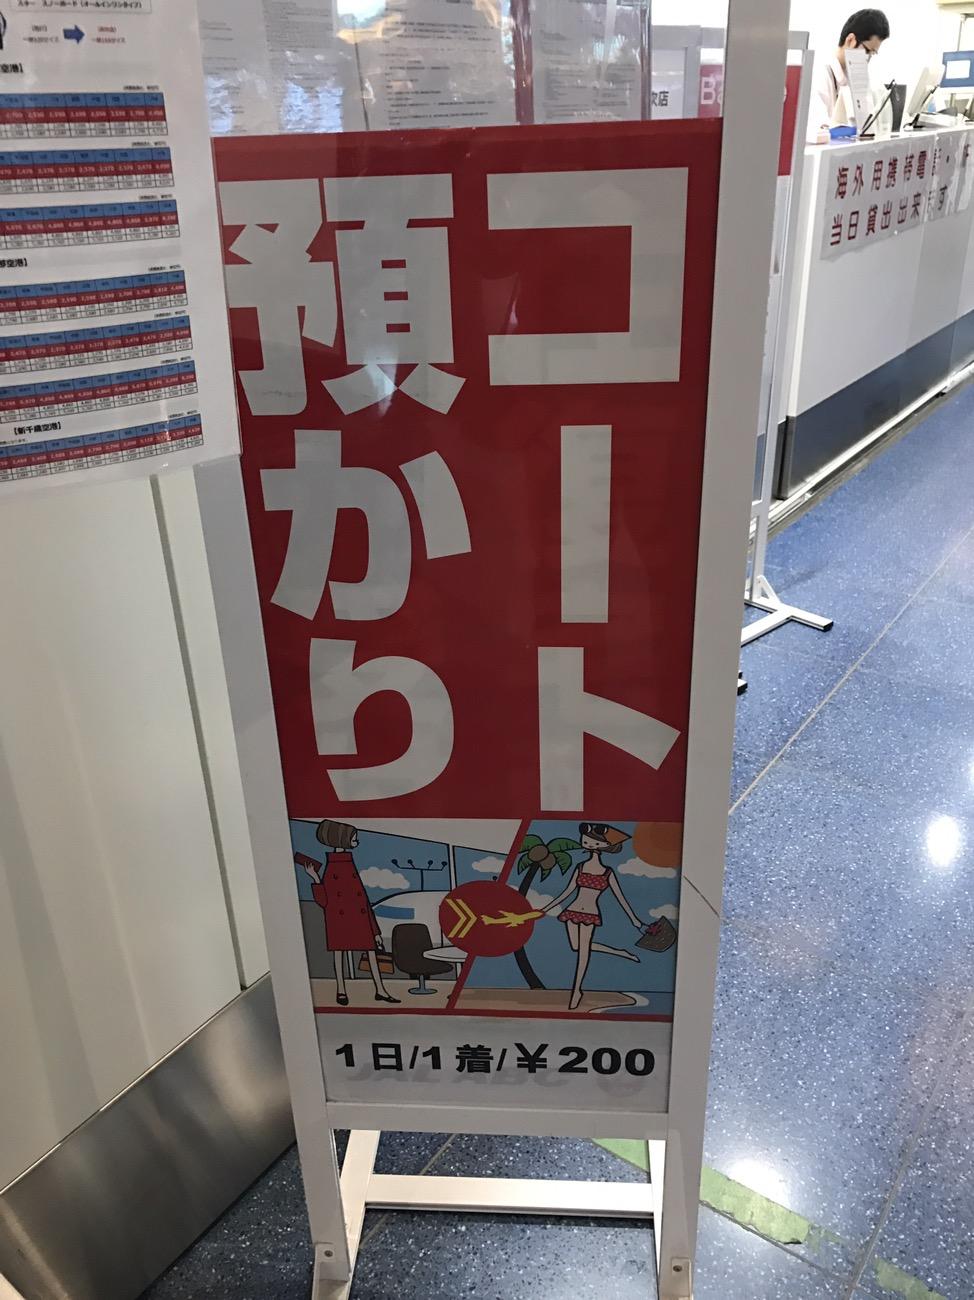 羽田空港国際線 コート預かりサービス